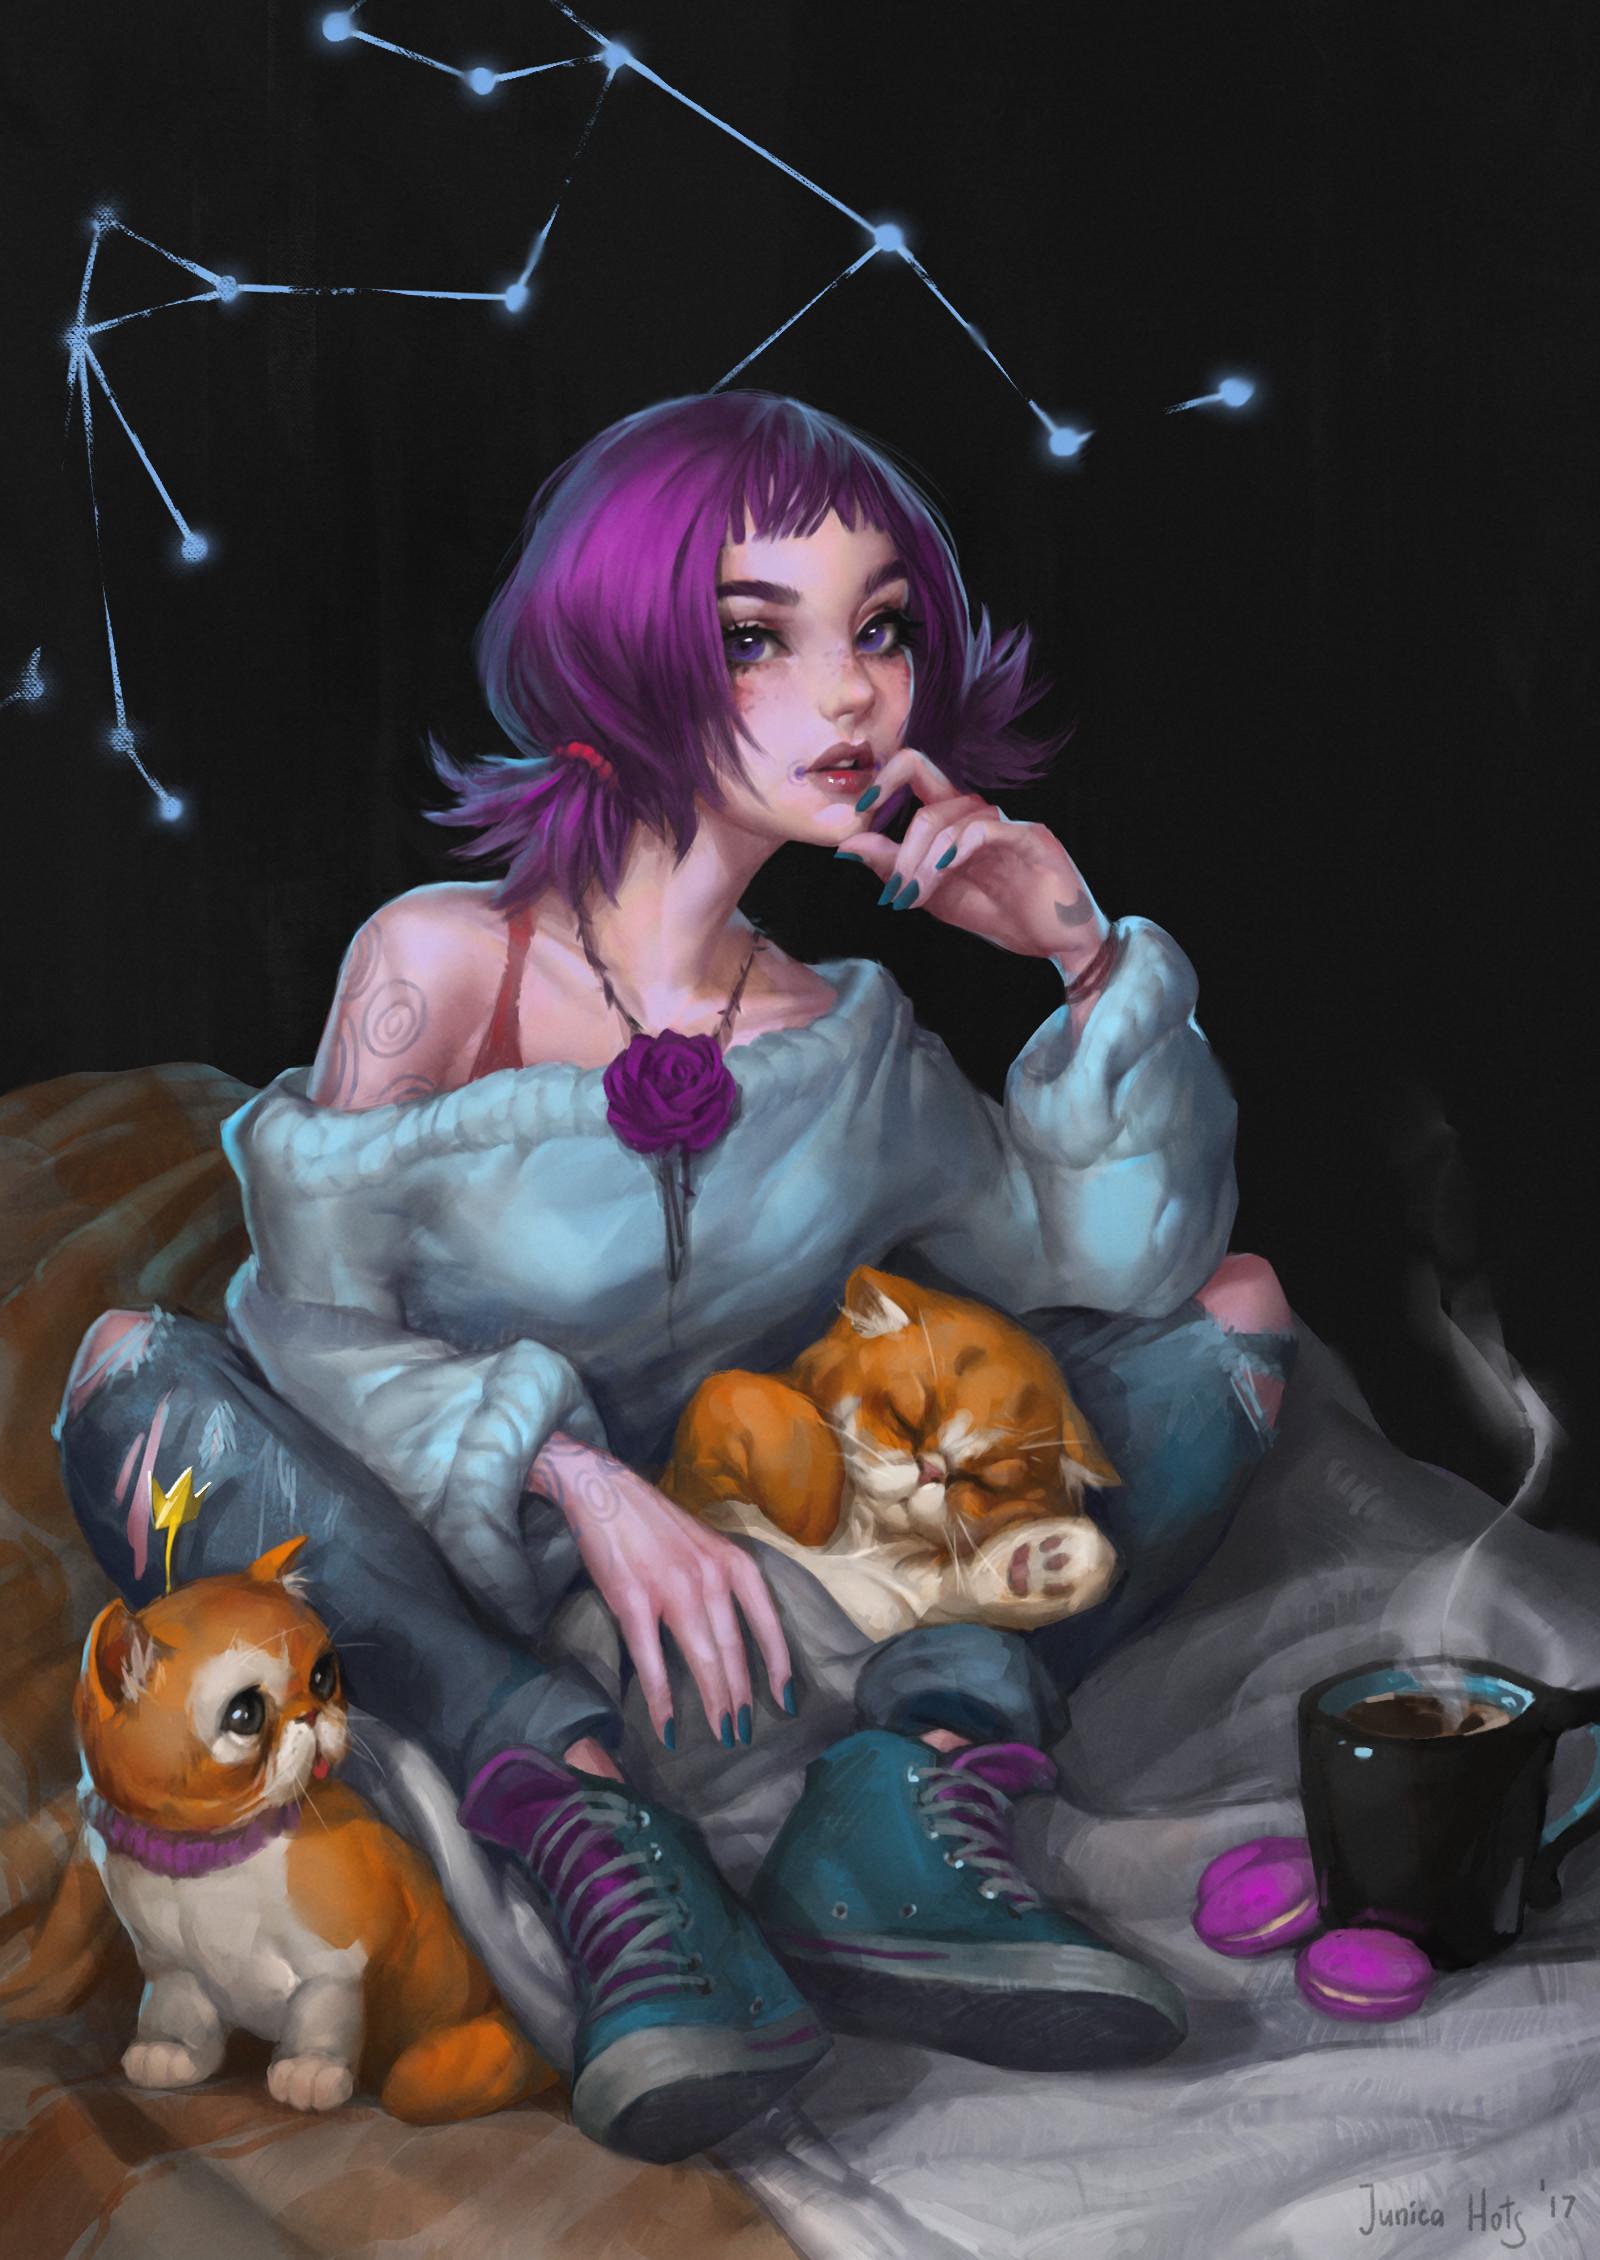 Фото Девушка с фиолетовыми волосами сидит на постели с рыжими котятами перед горячей чашкой чая, by Junica Hots